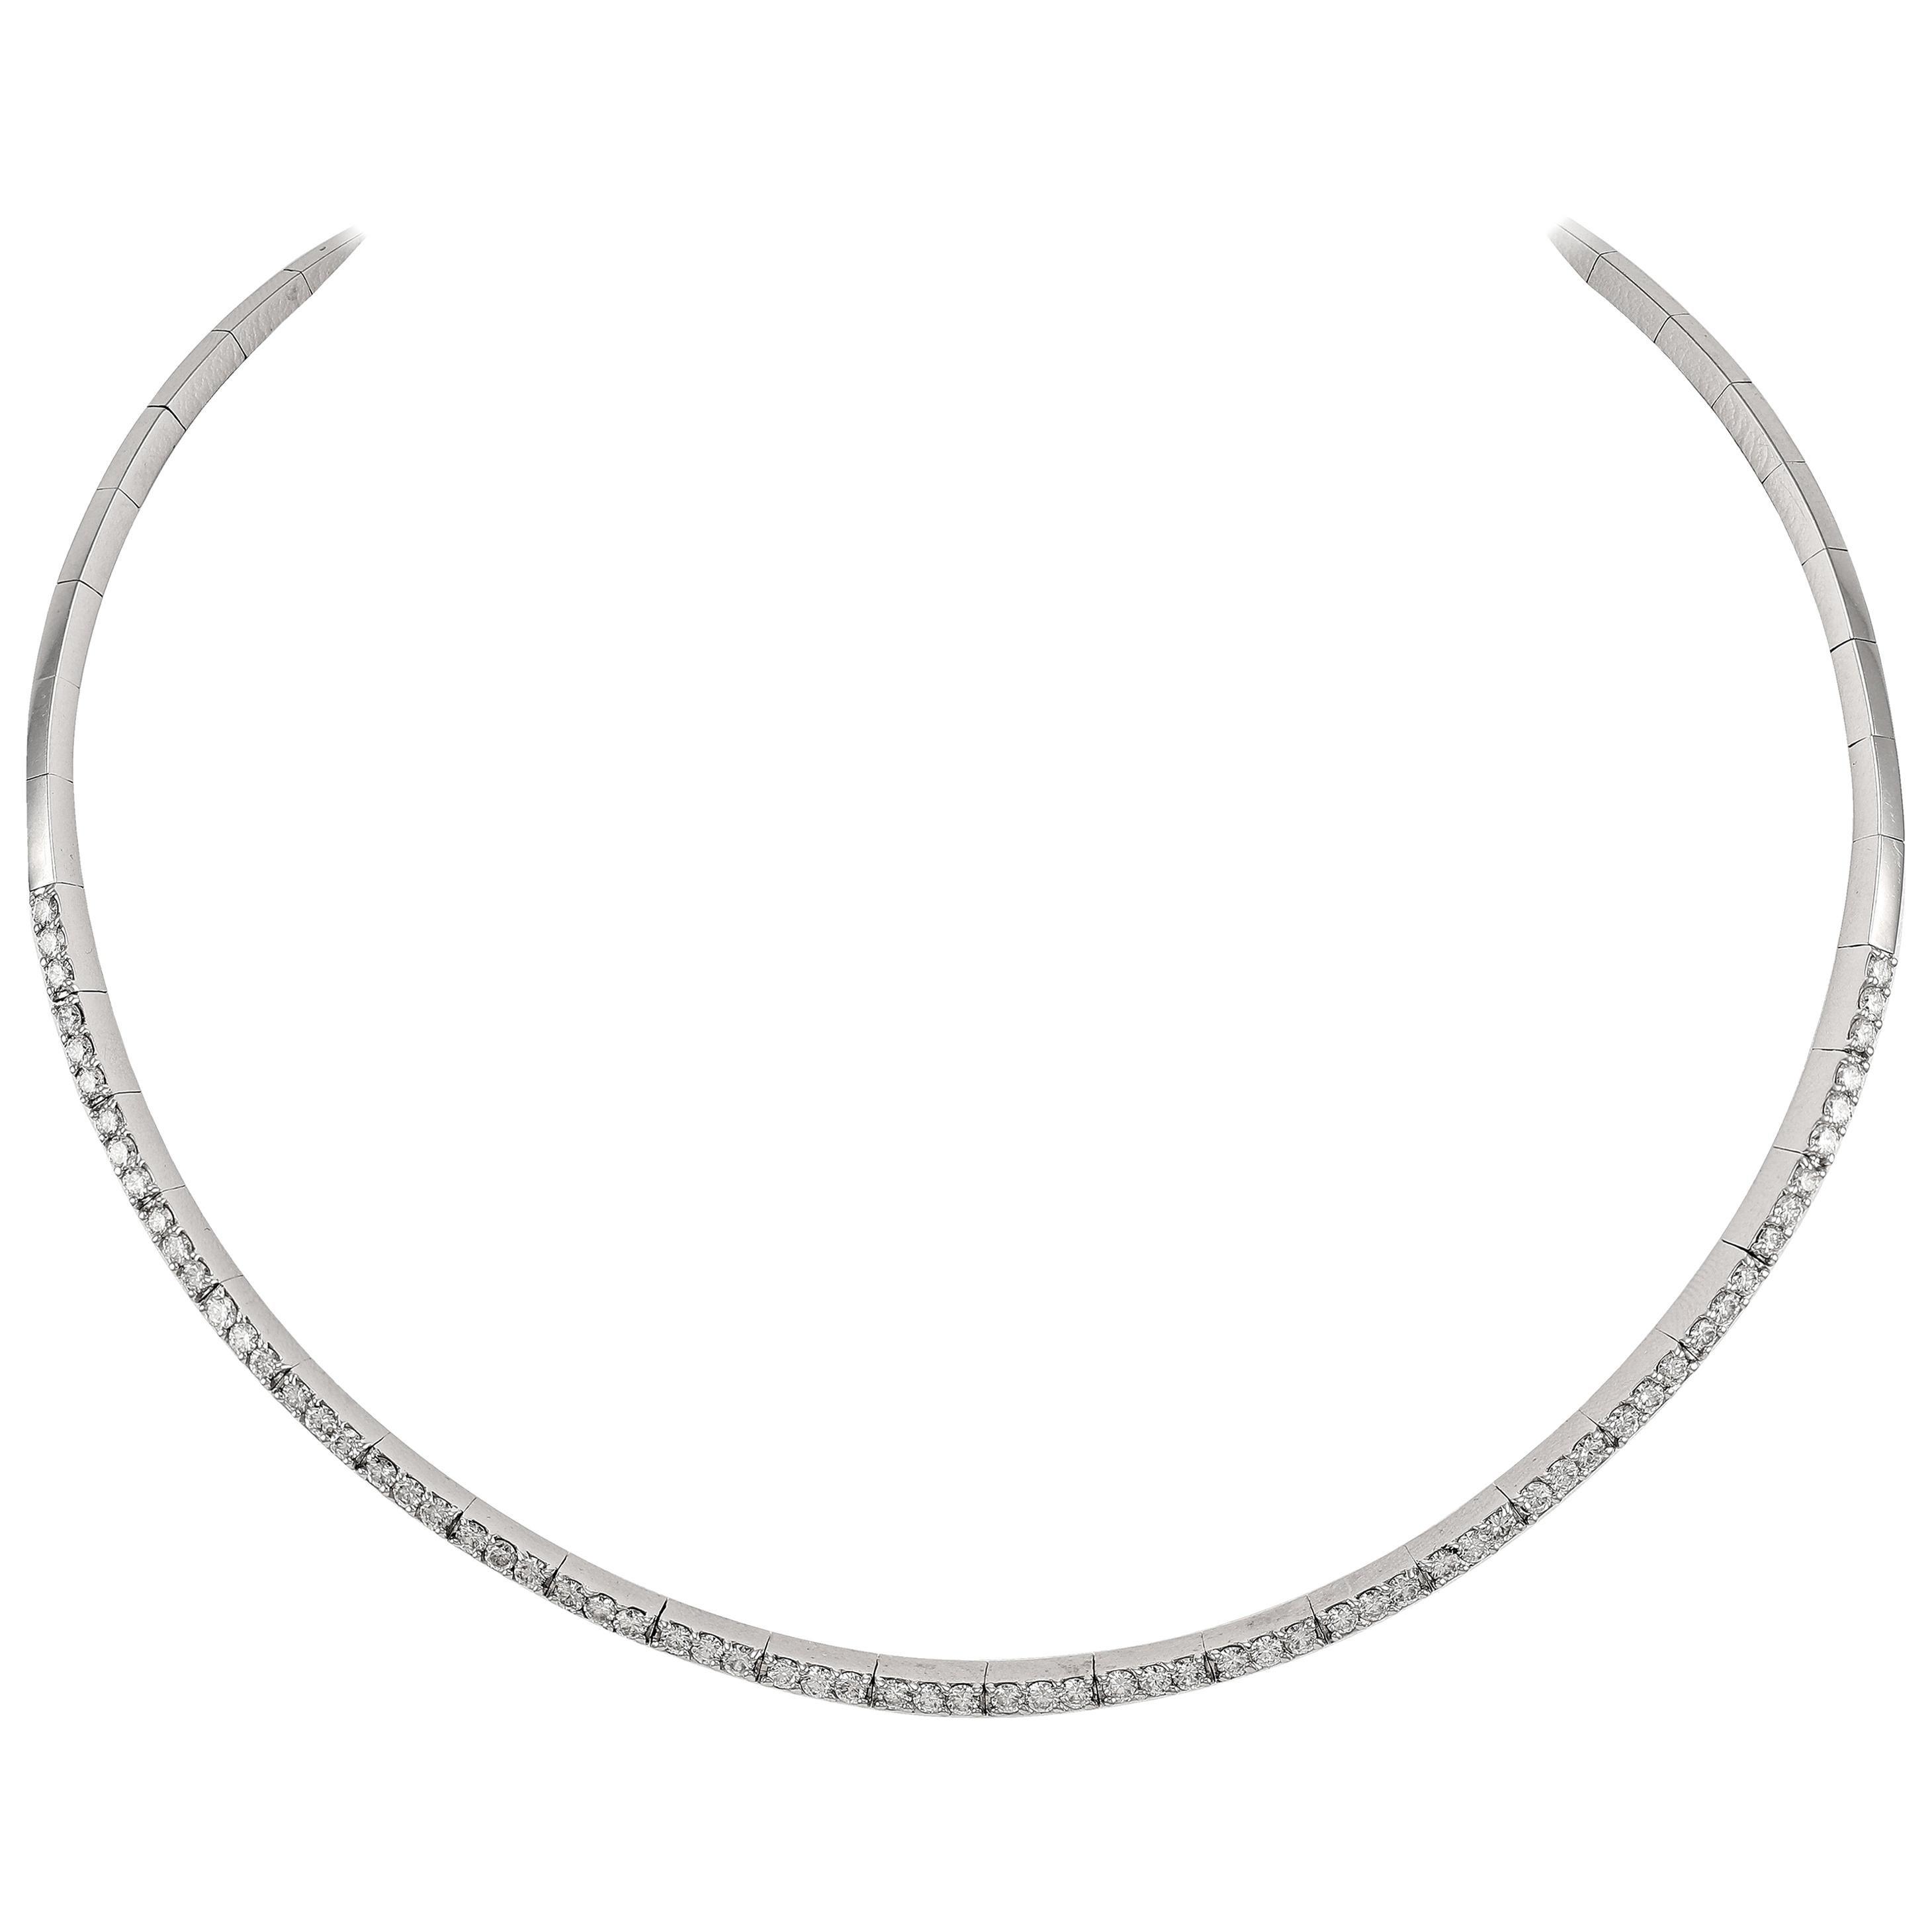 Diamond 4.01 Carat Rivière Line Collar Choker Necklace